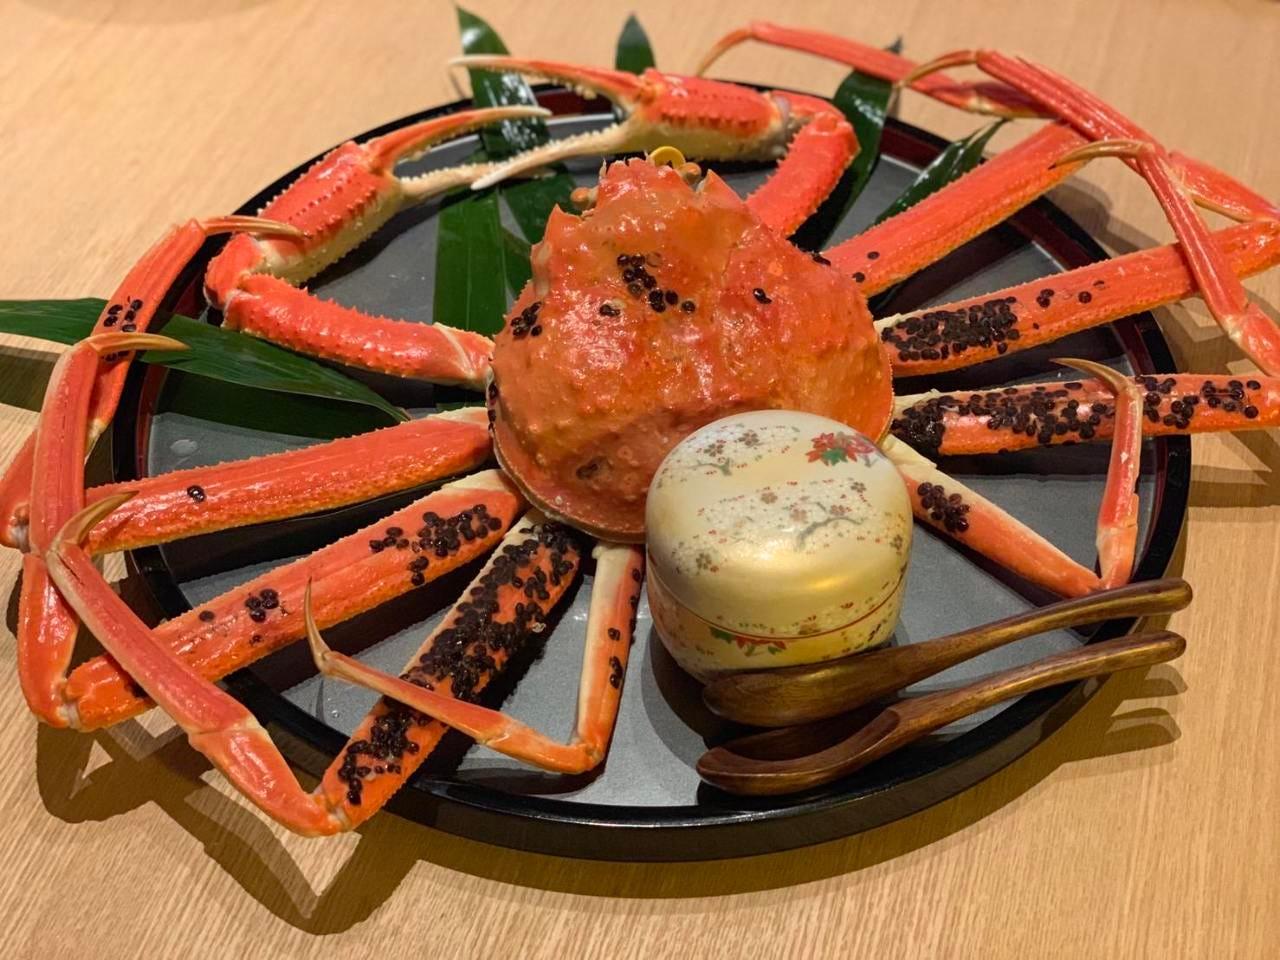 【秋の極上カニ】黄金ガニ(お1人様半身)+ 福井の味覚食べ尽くしコース 15,400円